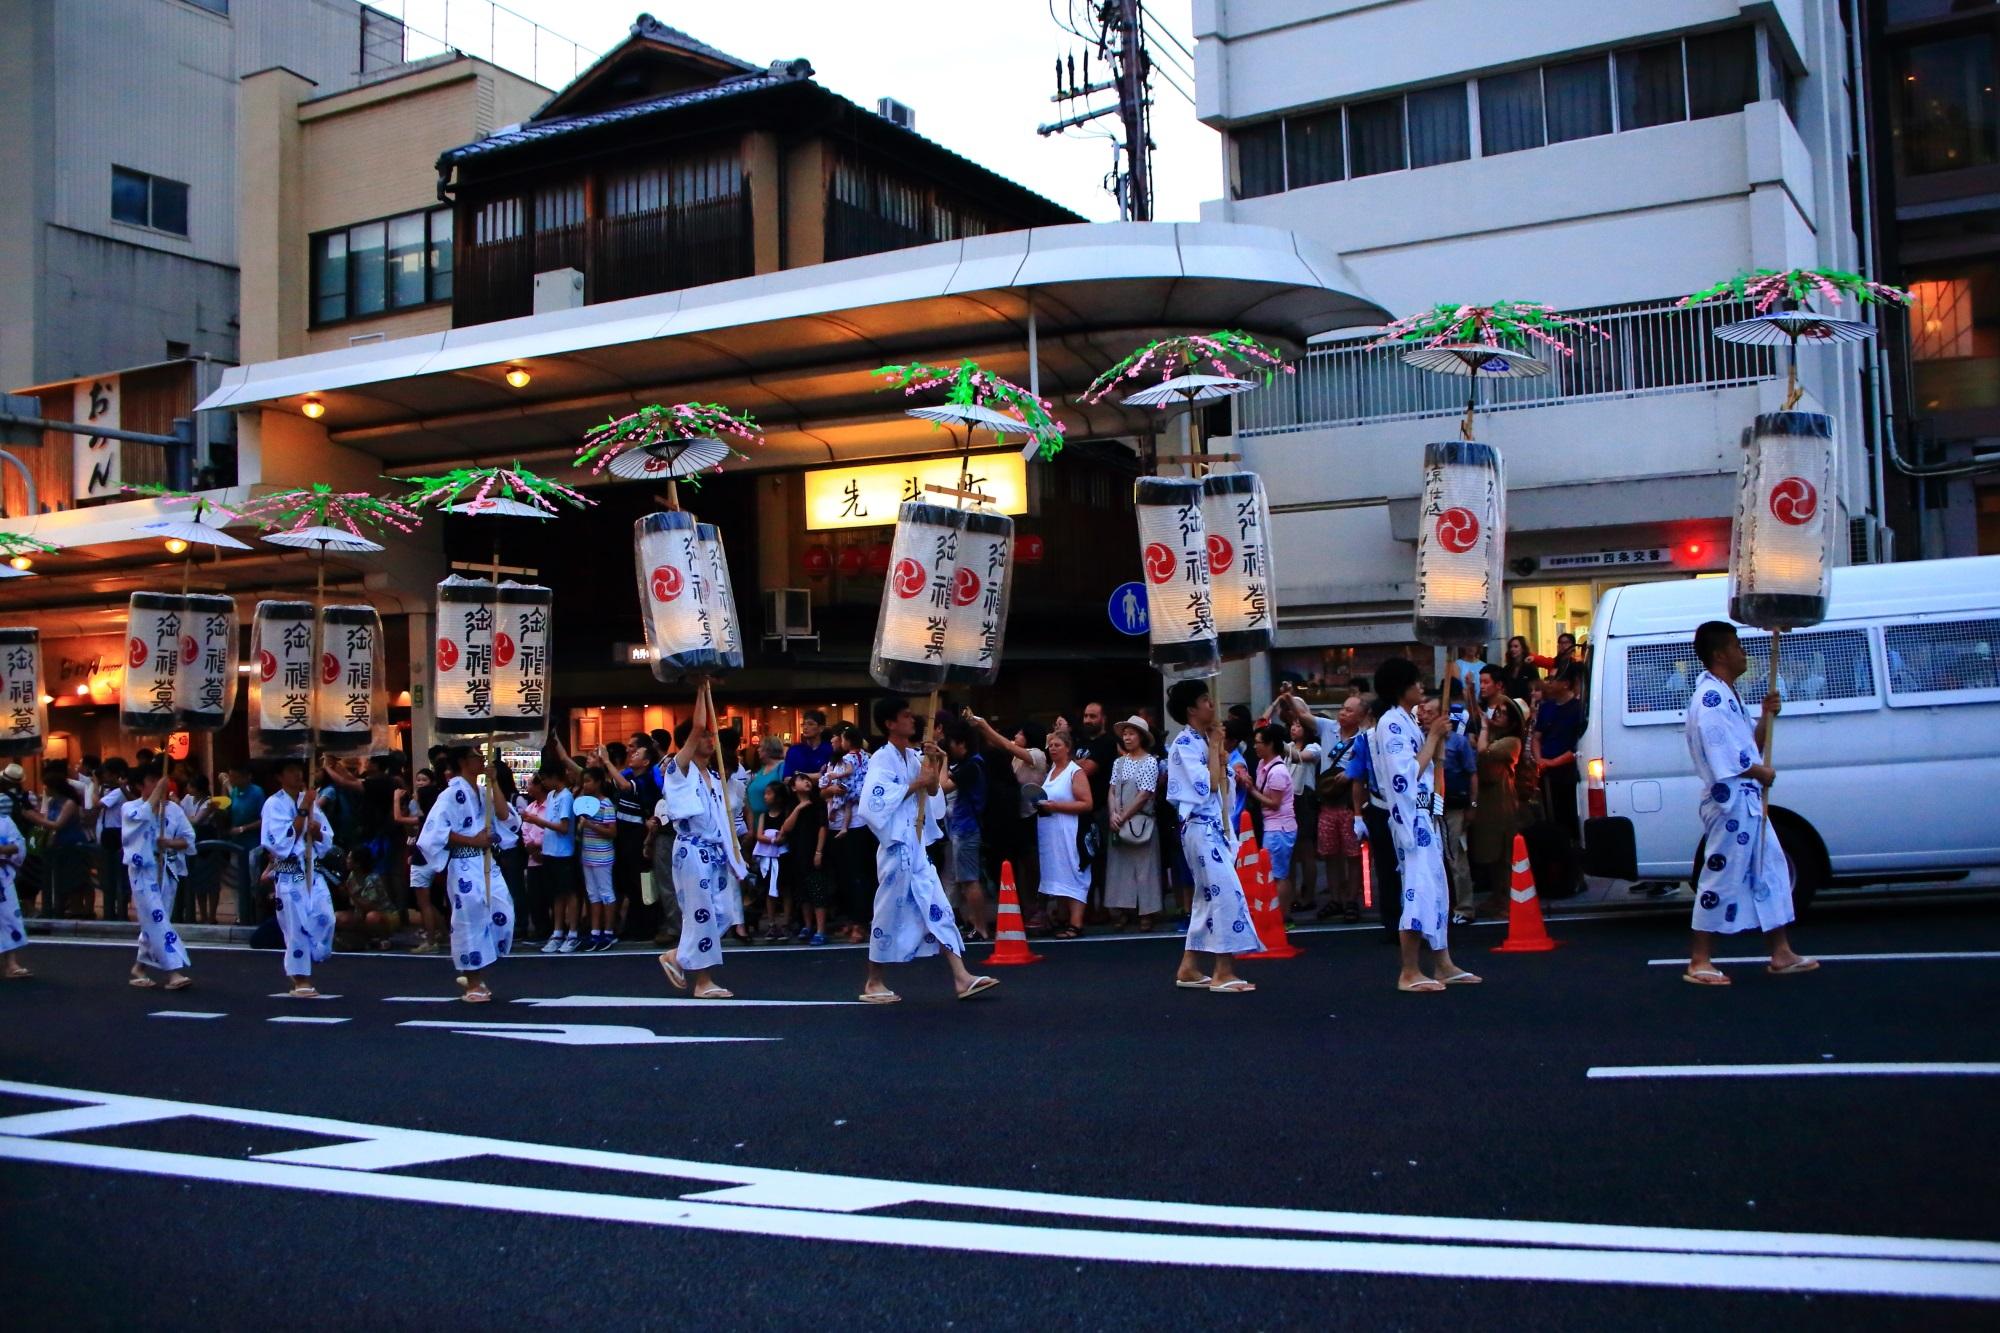 お迎提灯 祇園祭 三大祭